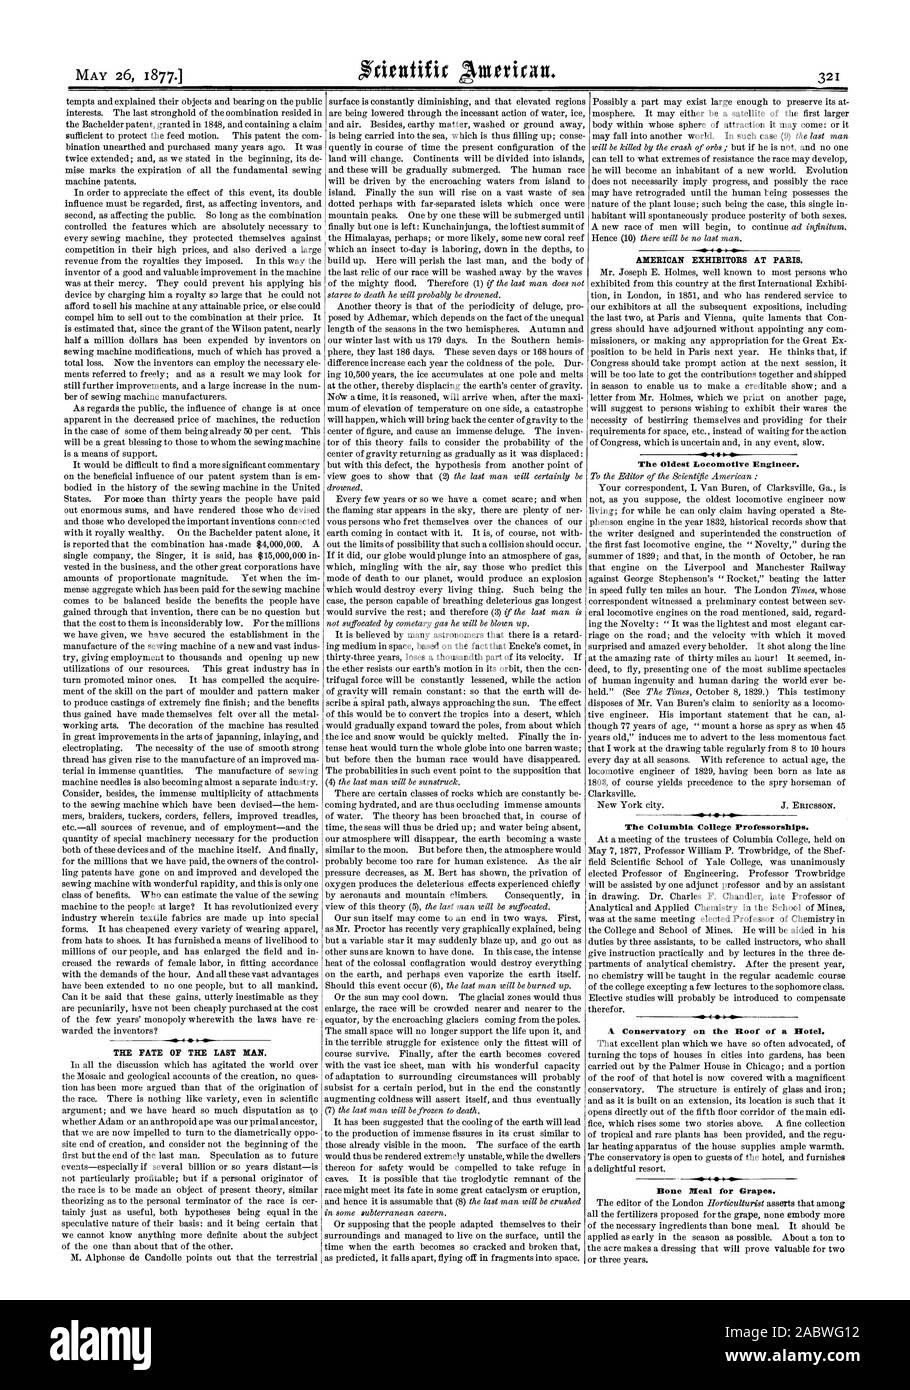 La suerte del último hombre. Expositores americano en París. La más antigua locomotora ingeniero. Columbia College cátedras. Un invernadero en la azotea de un hotel. El hueso sane para uvas., Scientific American, 1877-05-26 Foto de stock